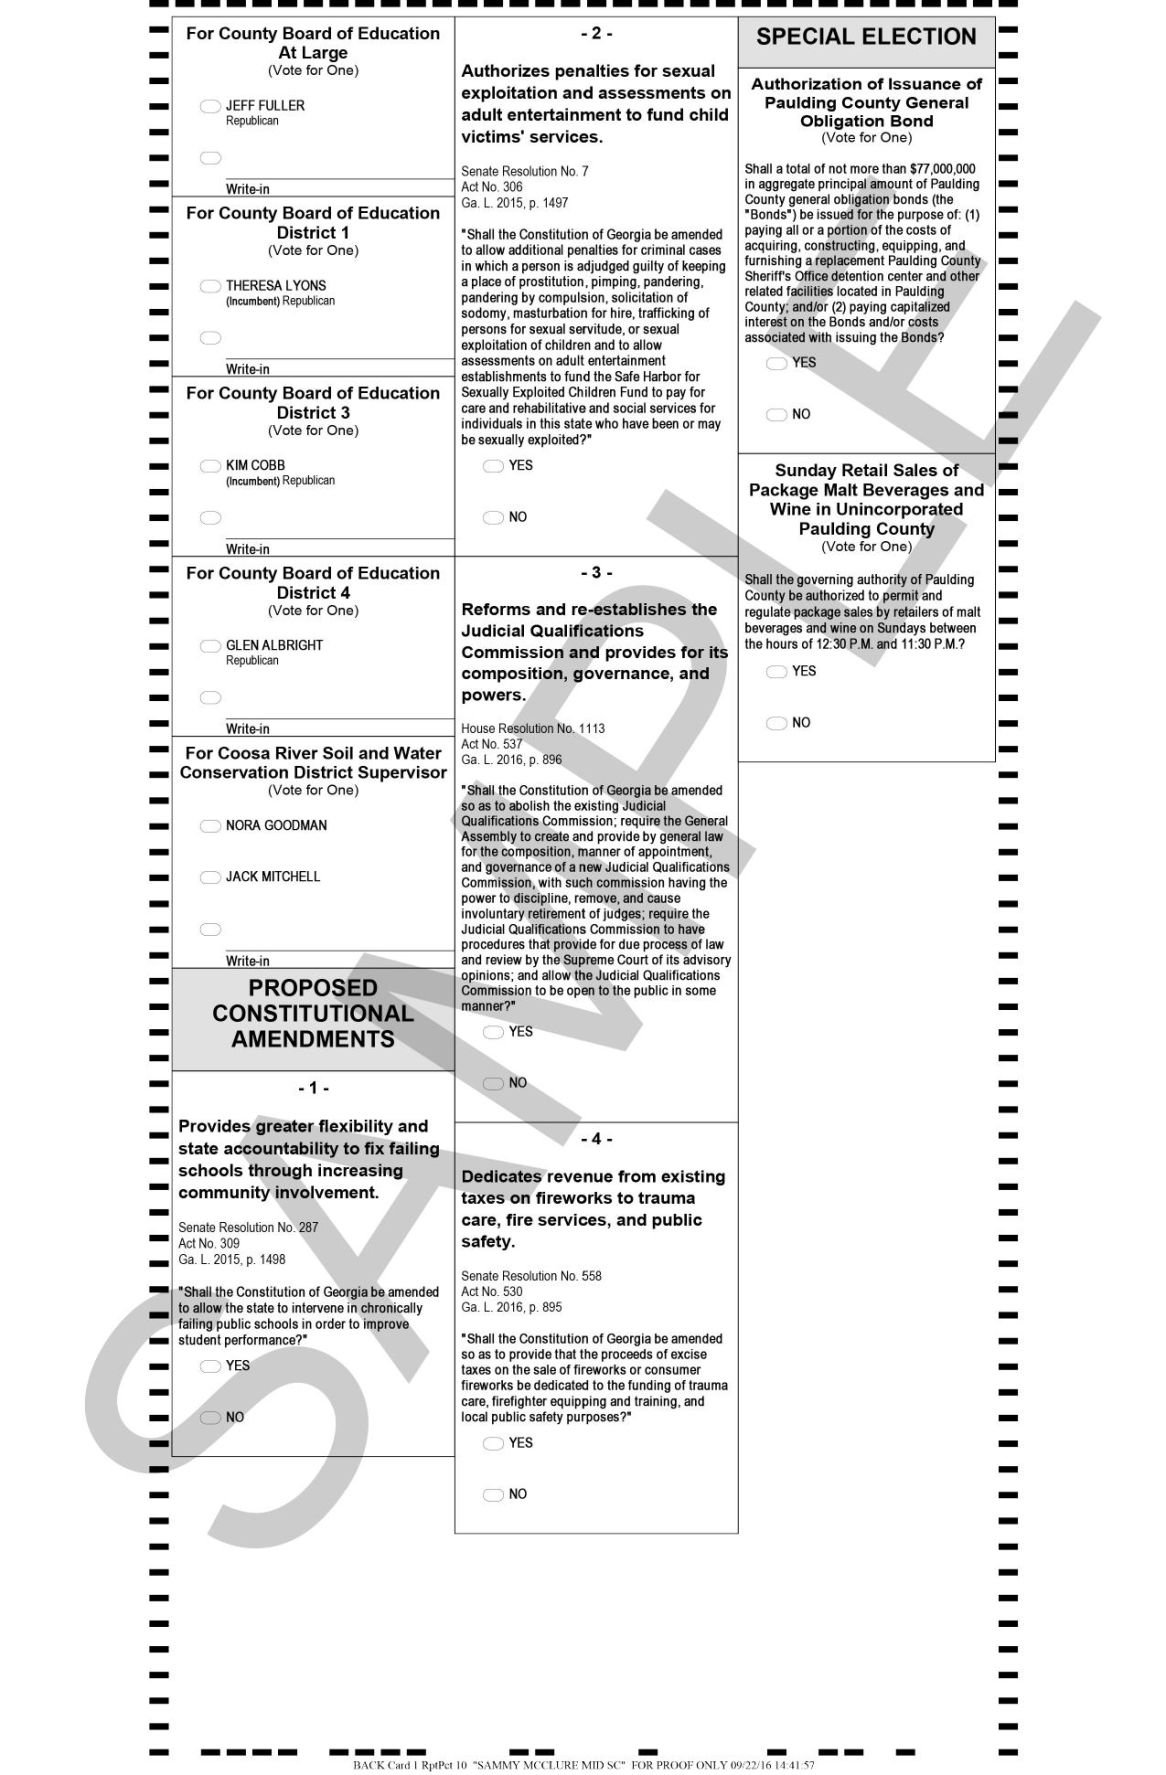 Paulding County Nov. 8 sample ballot part 2